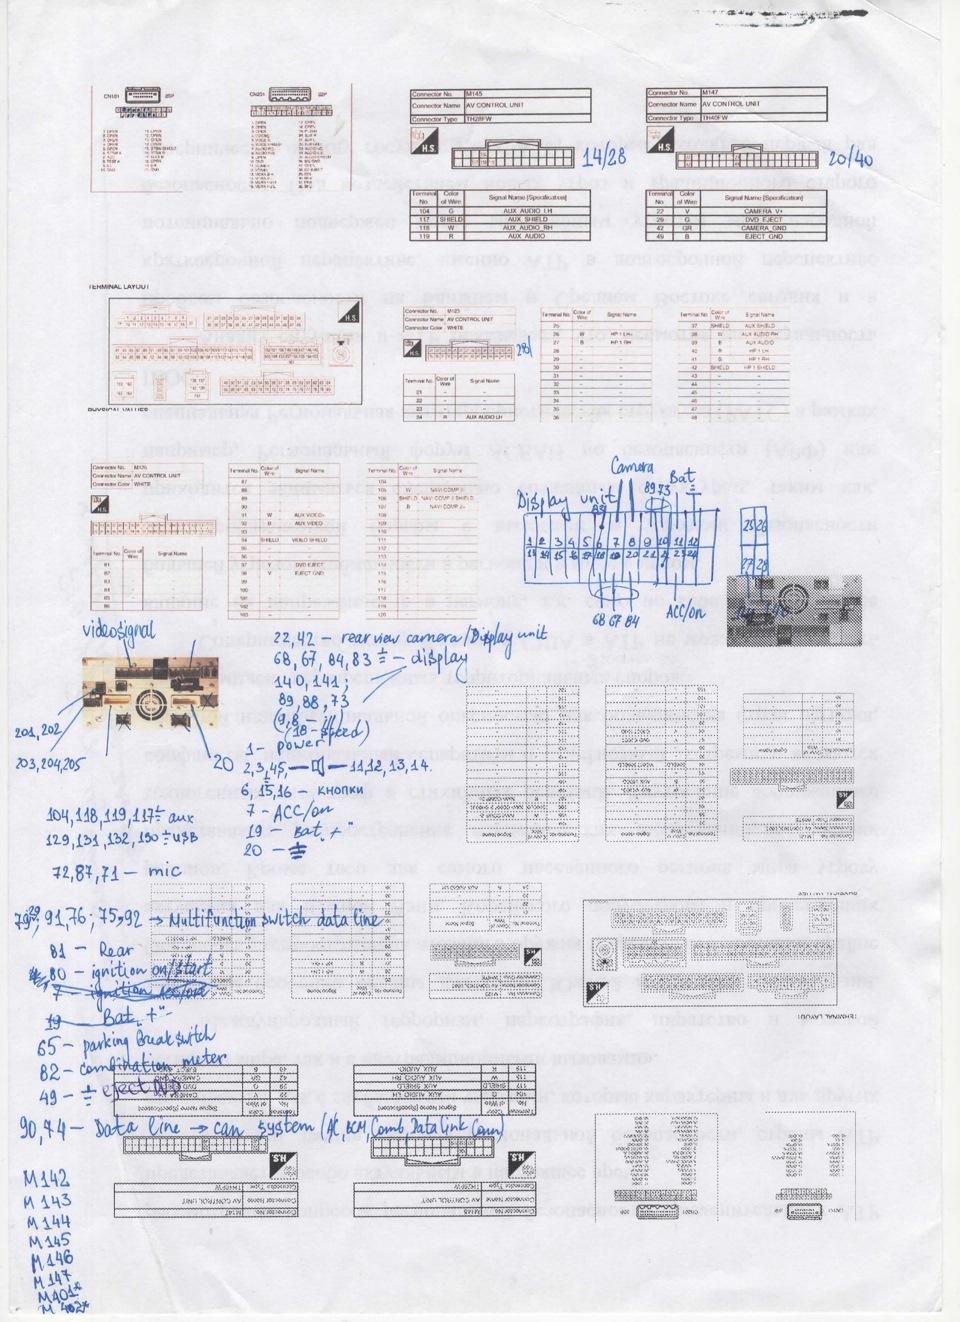 clarion dxz748rmp схема подключения разъема